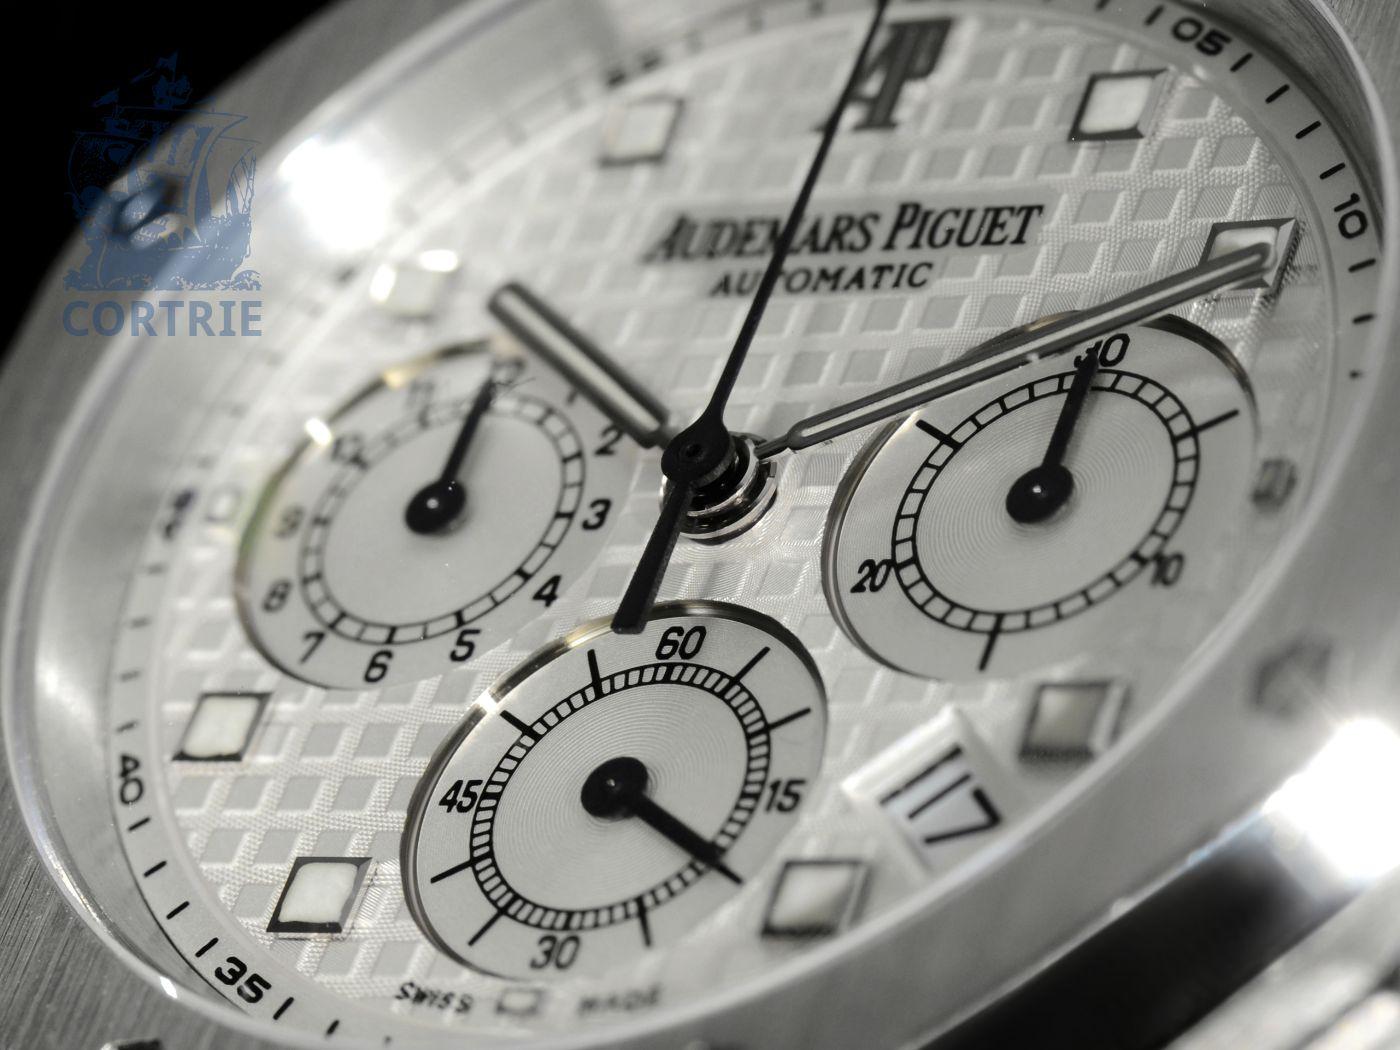 Wristwatch: sportive high-class chronograph, Audemars Piguet Royal Oak, 18 K white gold-